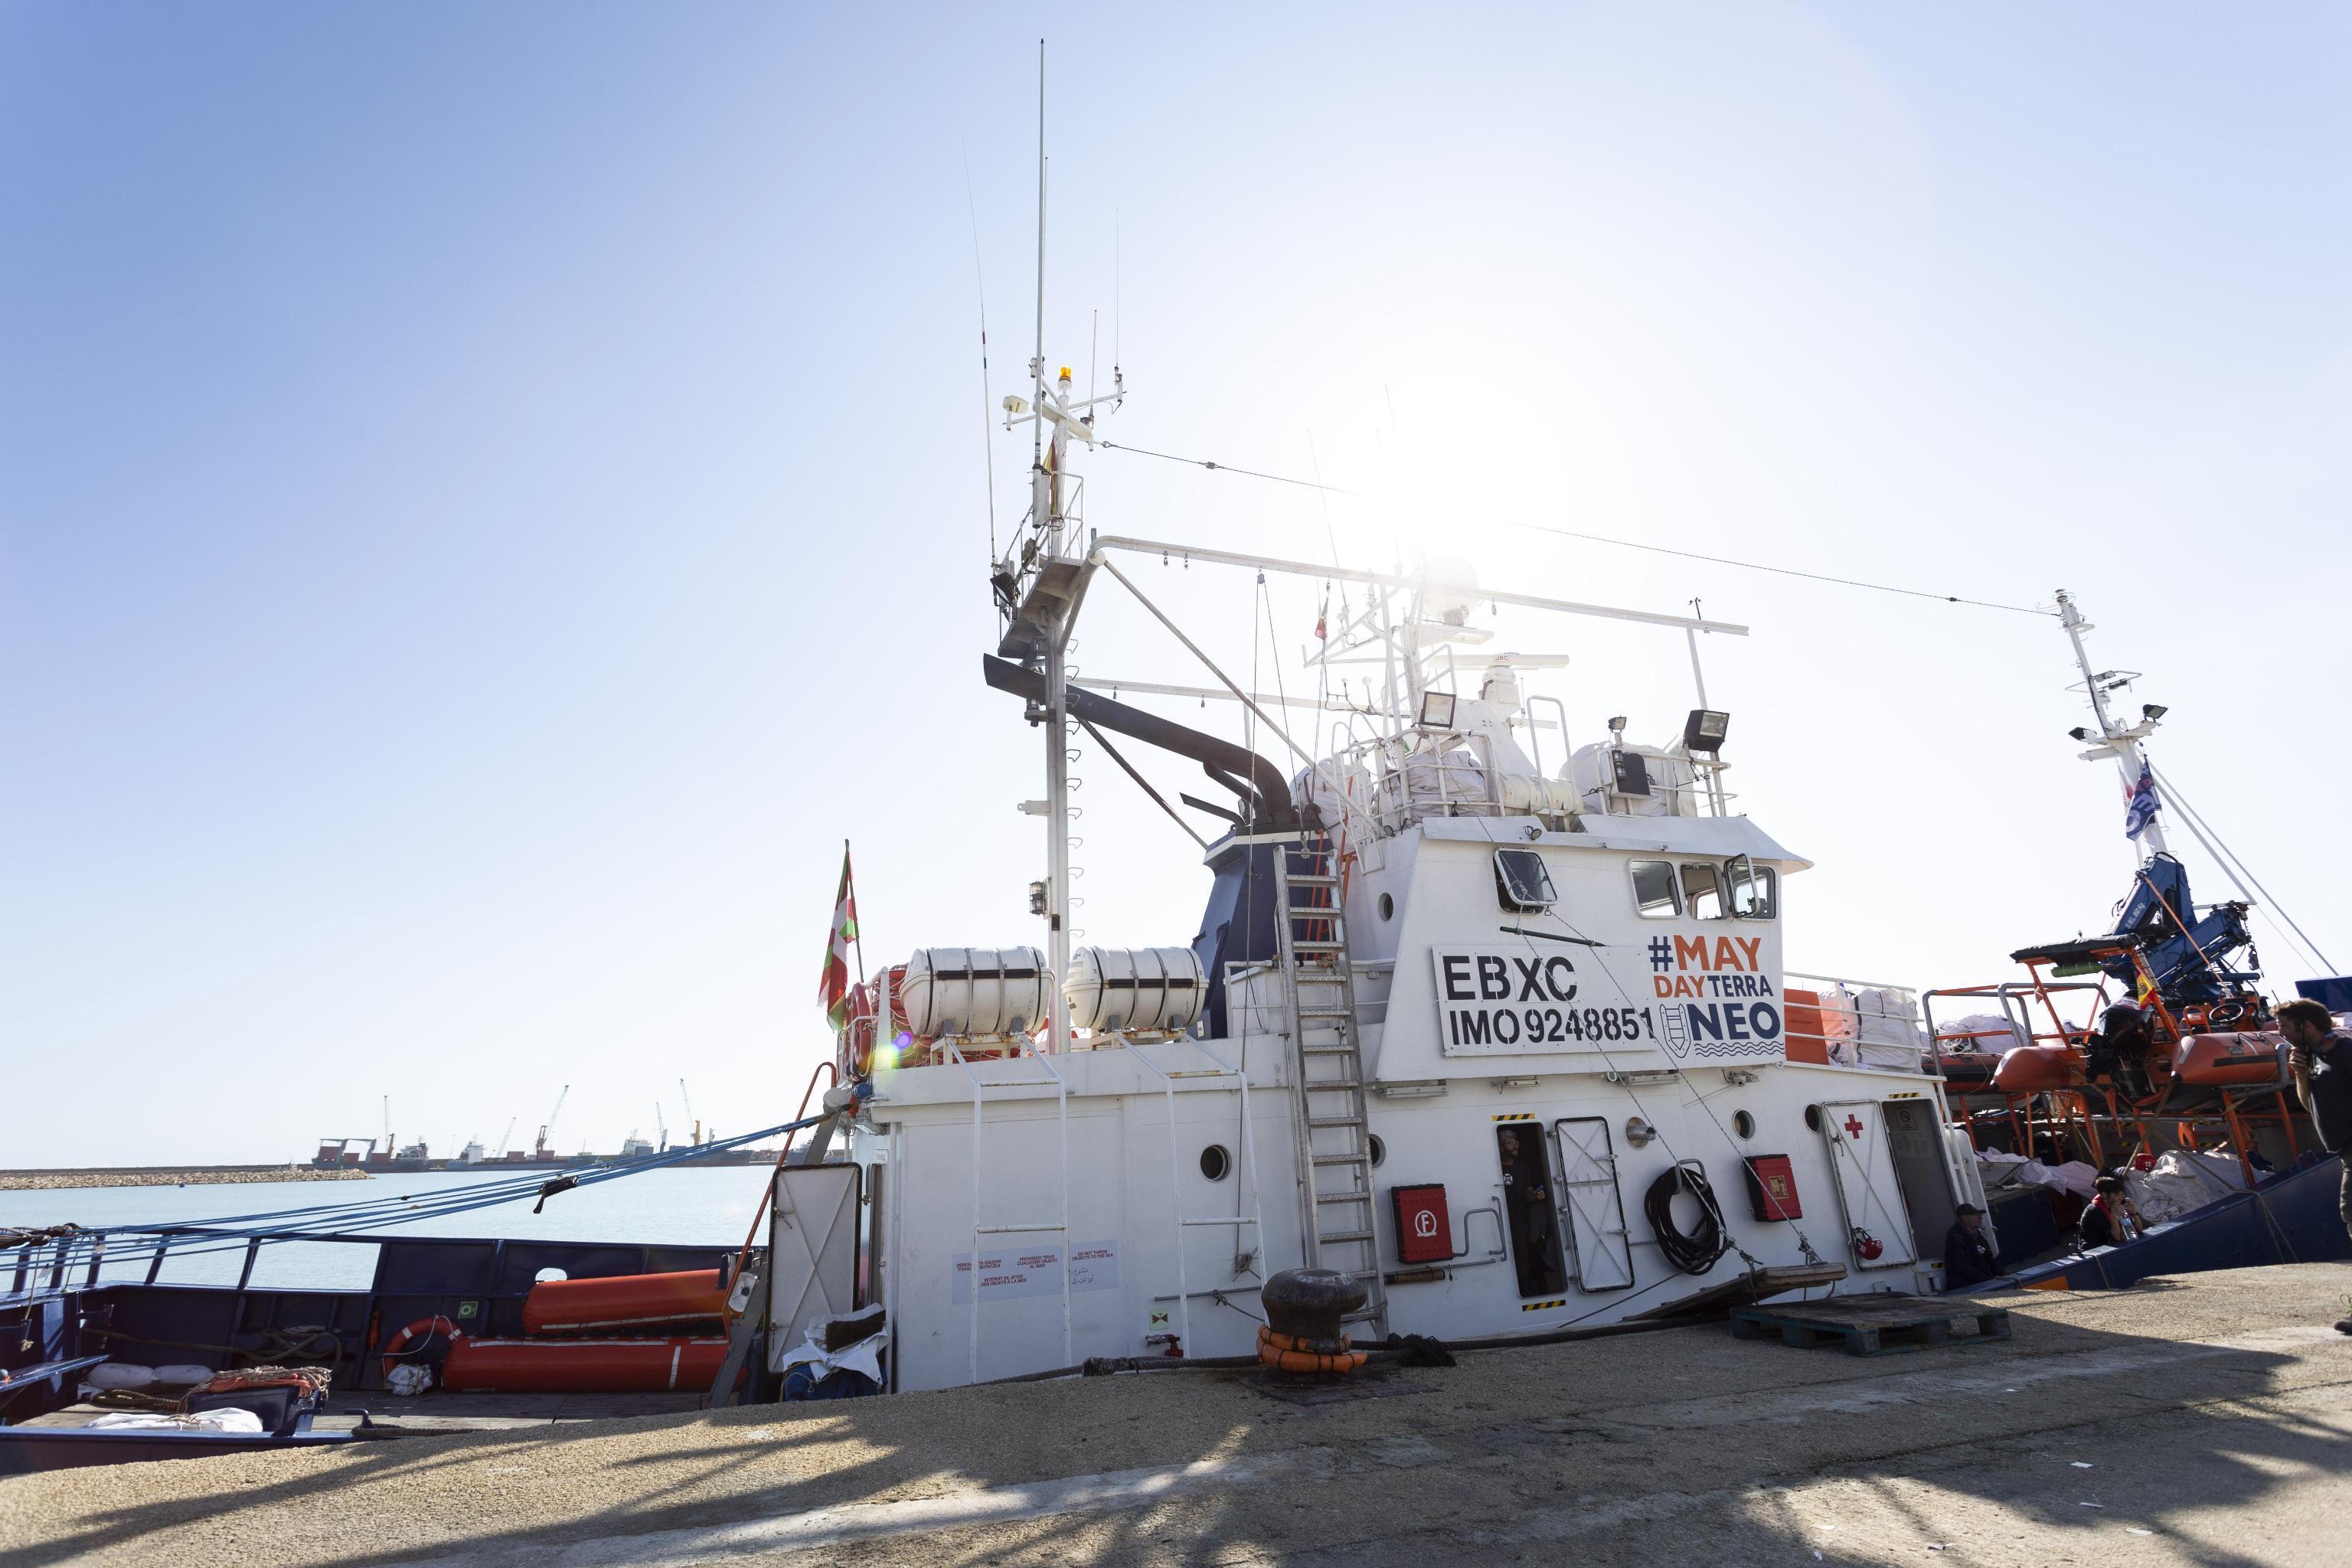 aitaAita Mari ferma a Palermo: bloccata la nave che soccorre i migranti